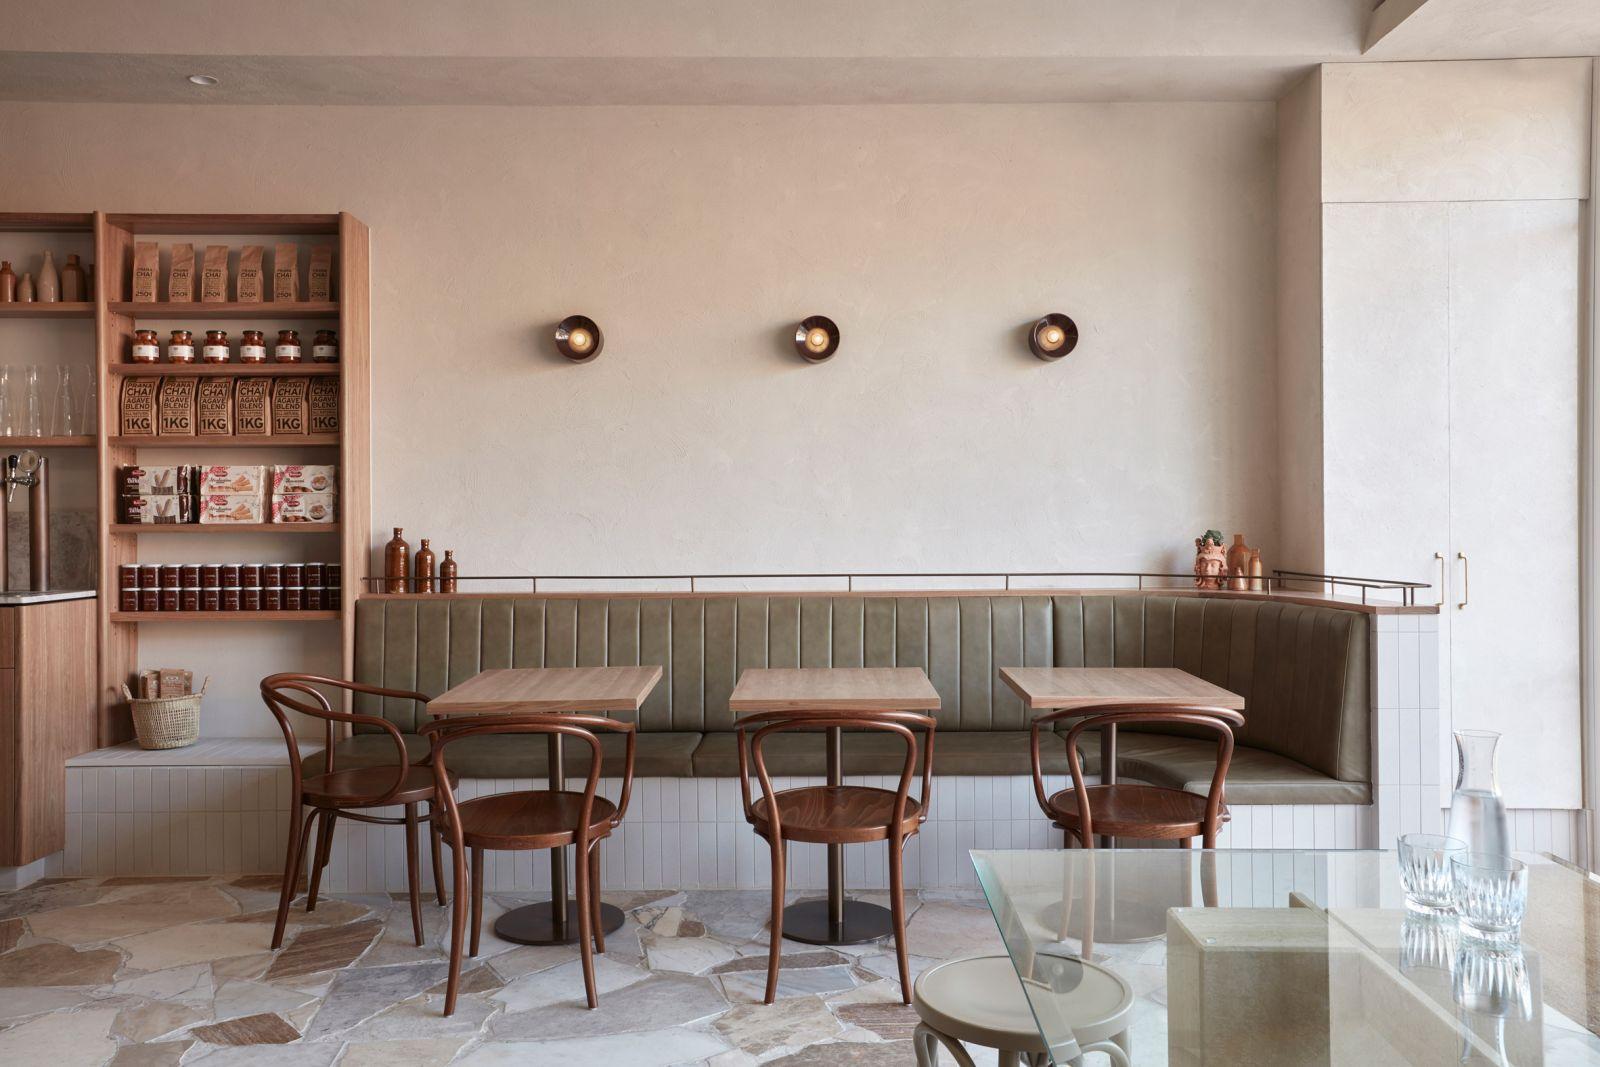 Lạc lối trong không gian nội thất quán cafe đậm chất ý